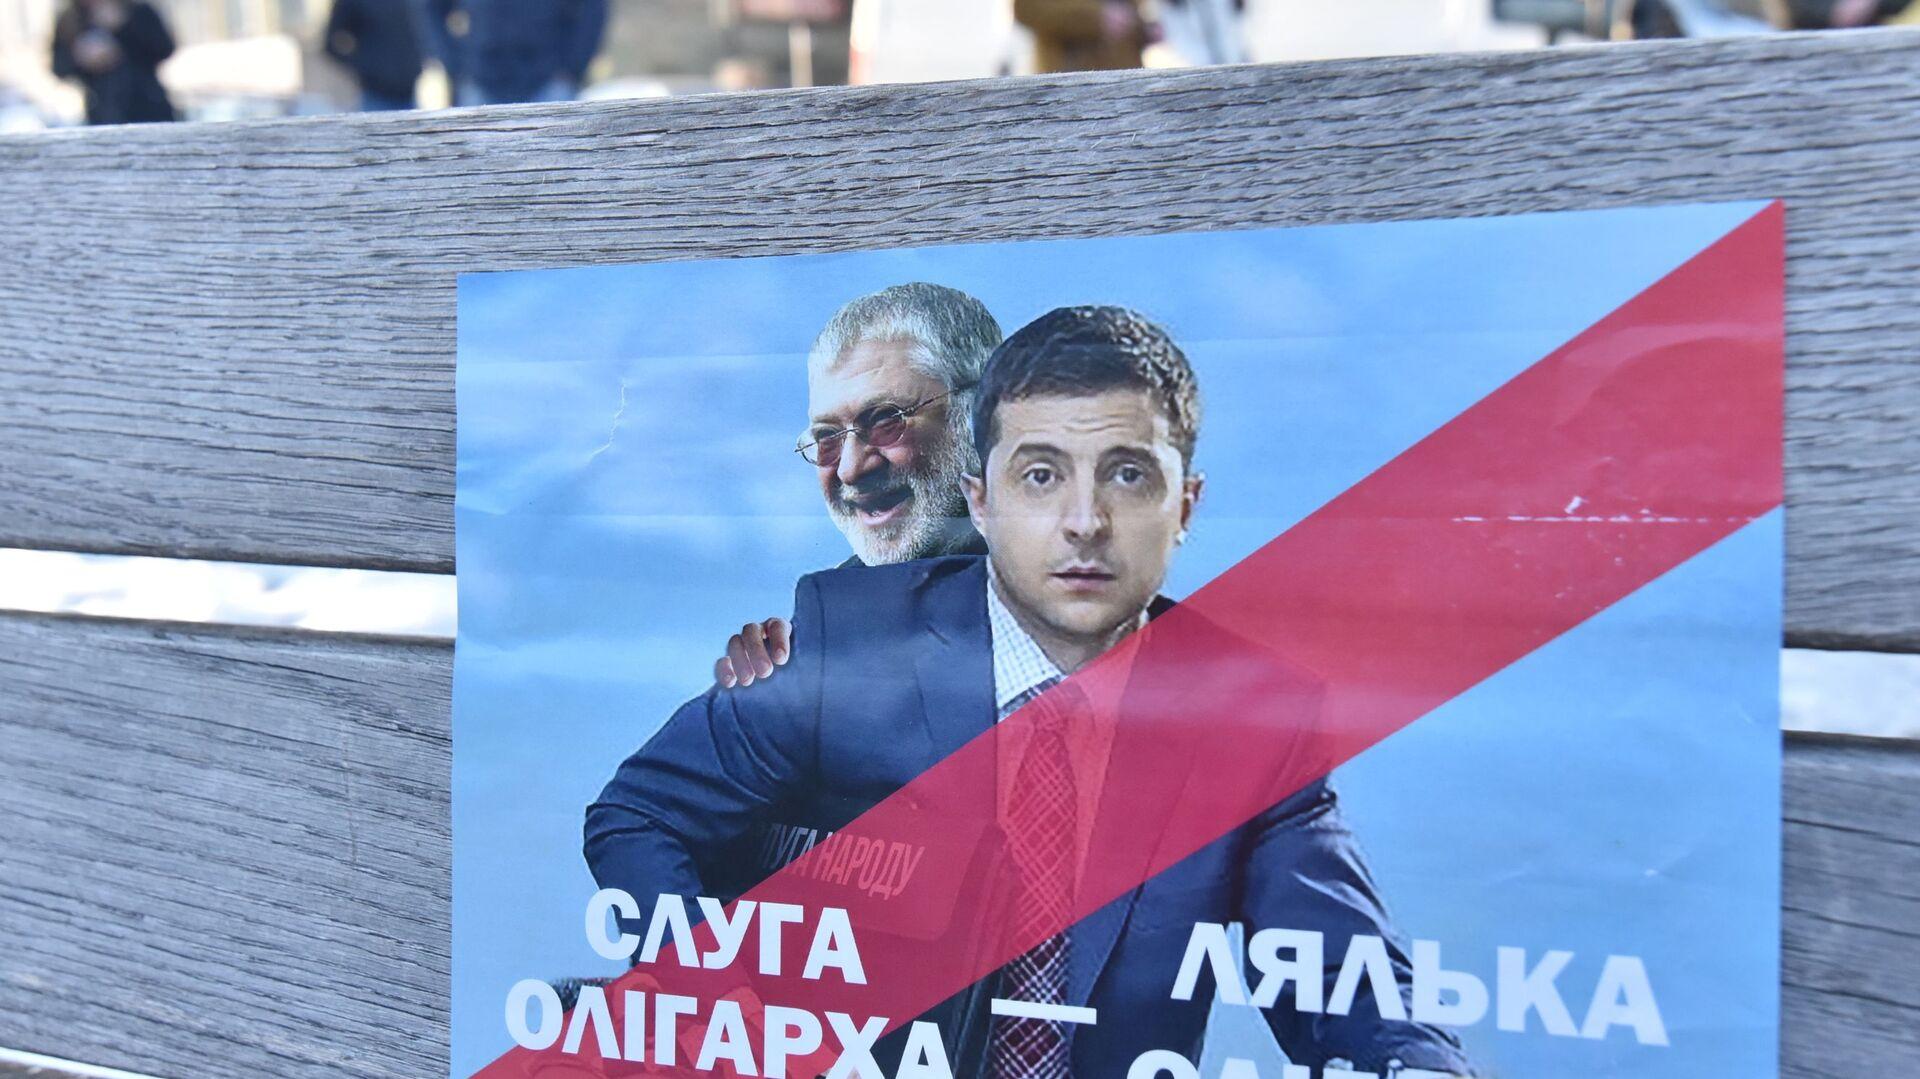 Митинг против кандидата в президенты Украины В. Зеленского во Львове - Sputnik Абхазия, 1920, 04.10.2021